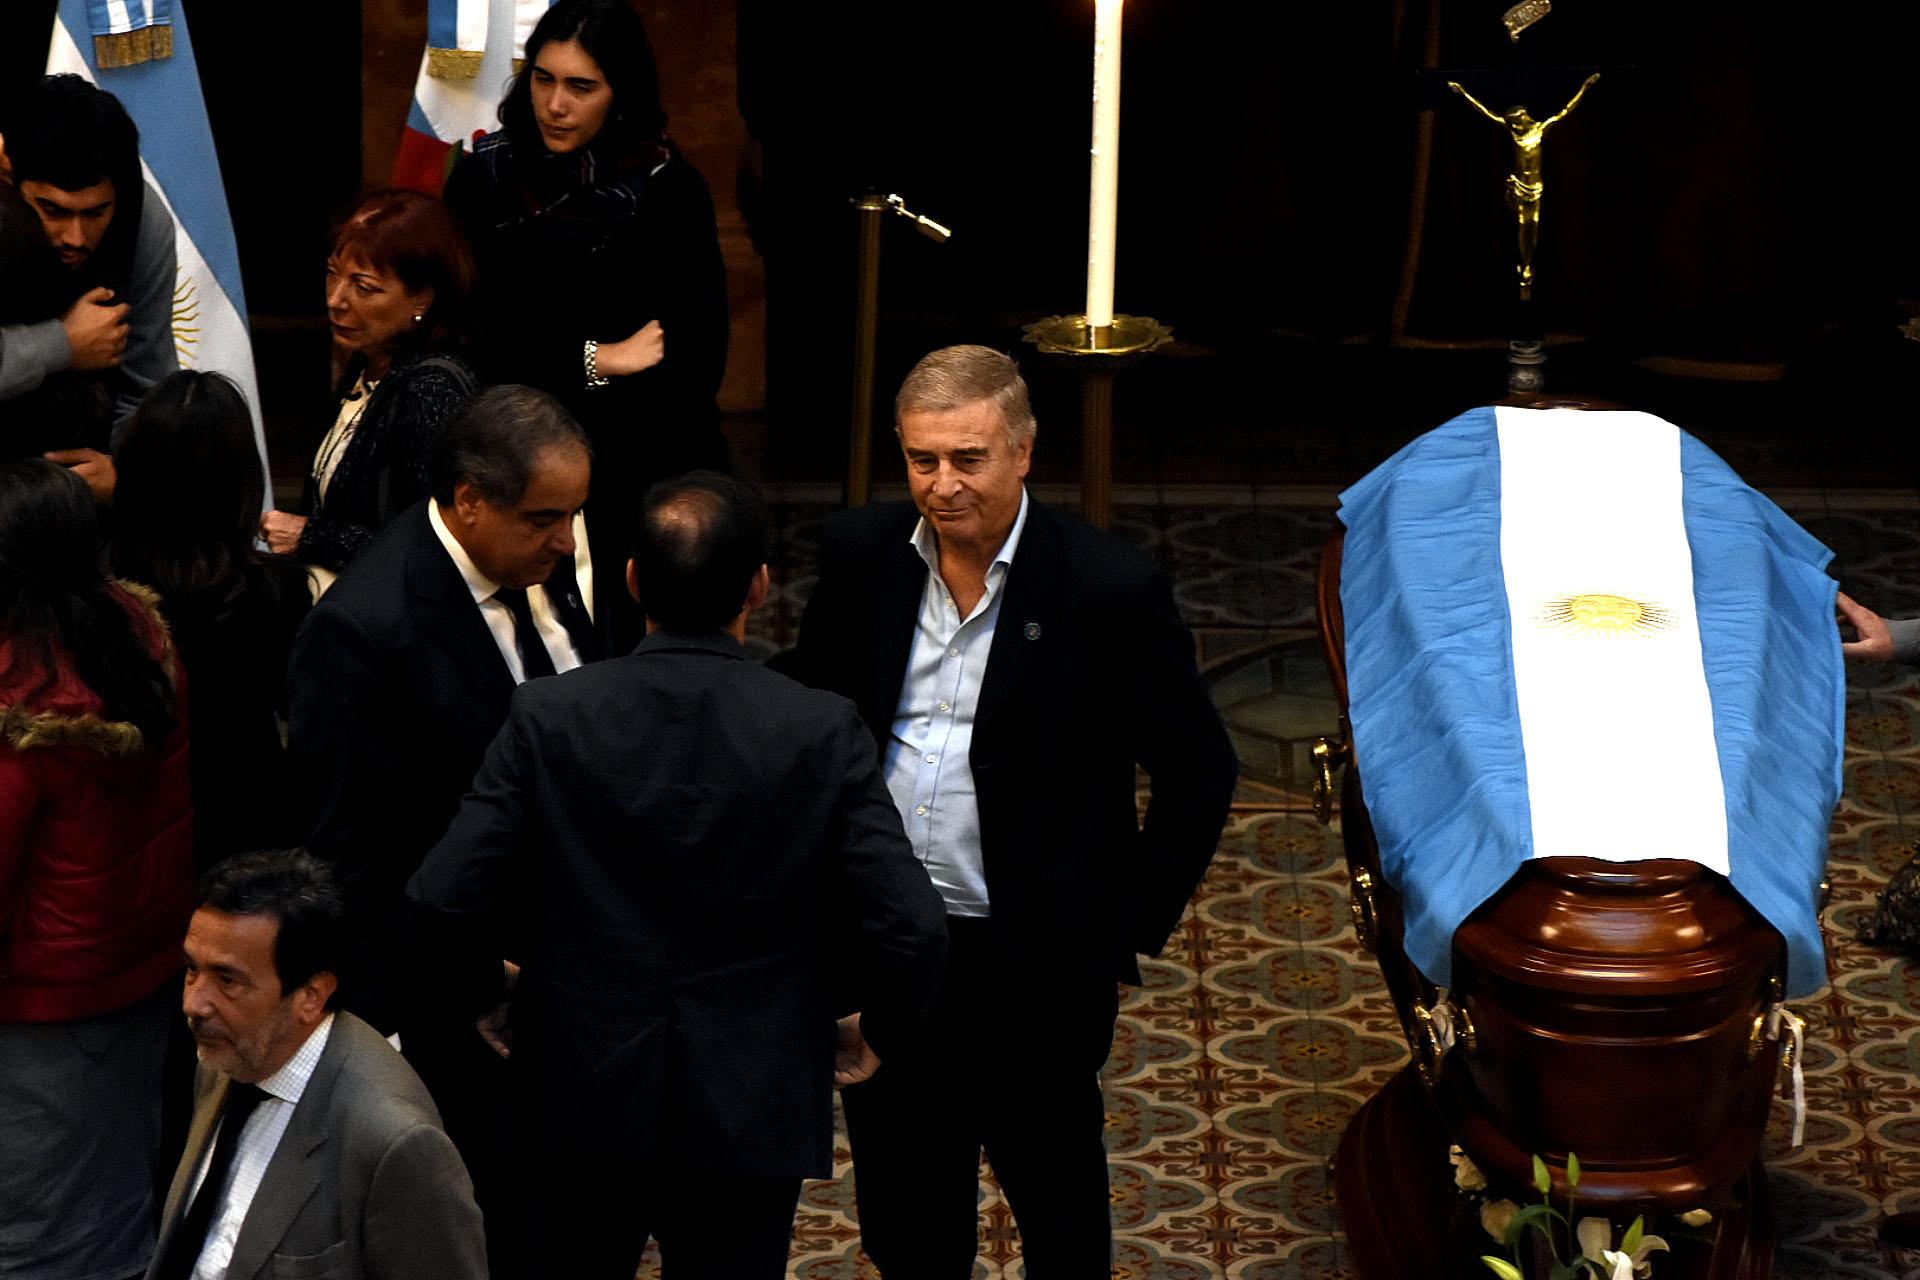 El ministro de Defensa, Oscar Aguad, estuvo presente en el velatorio